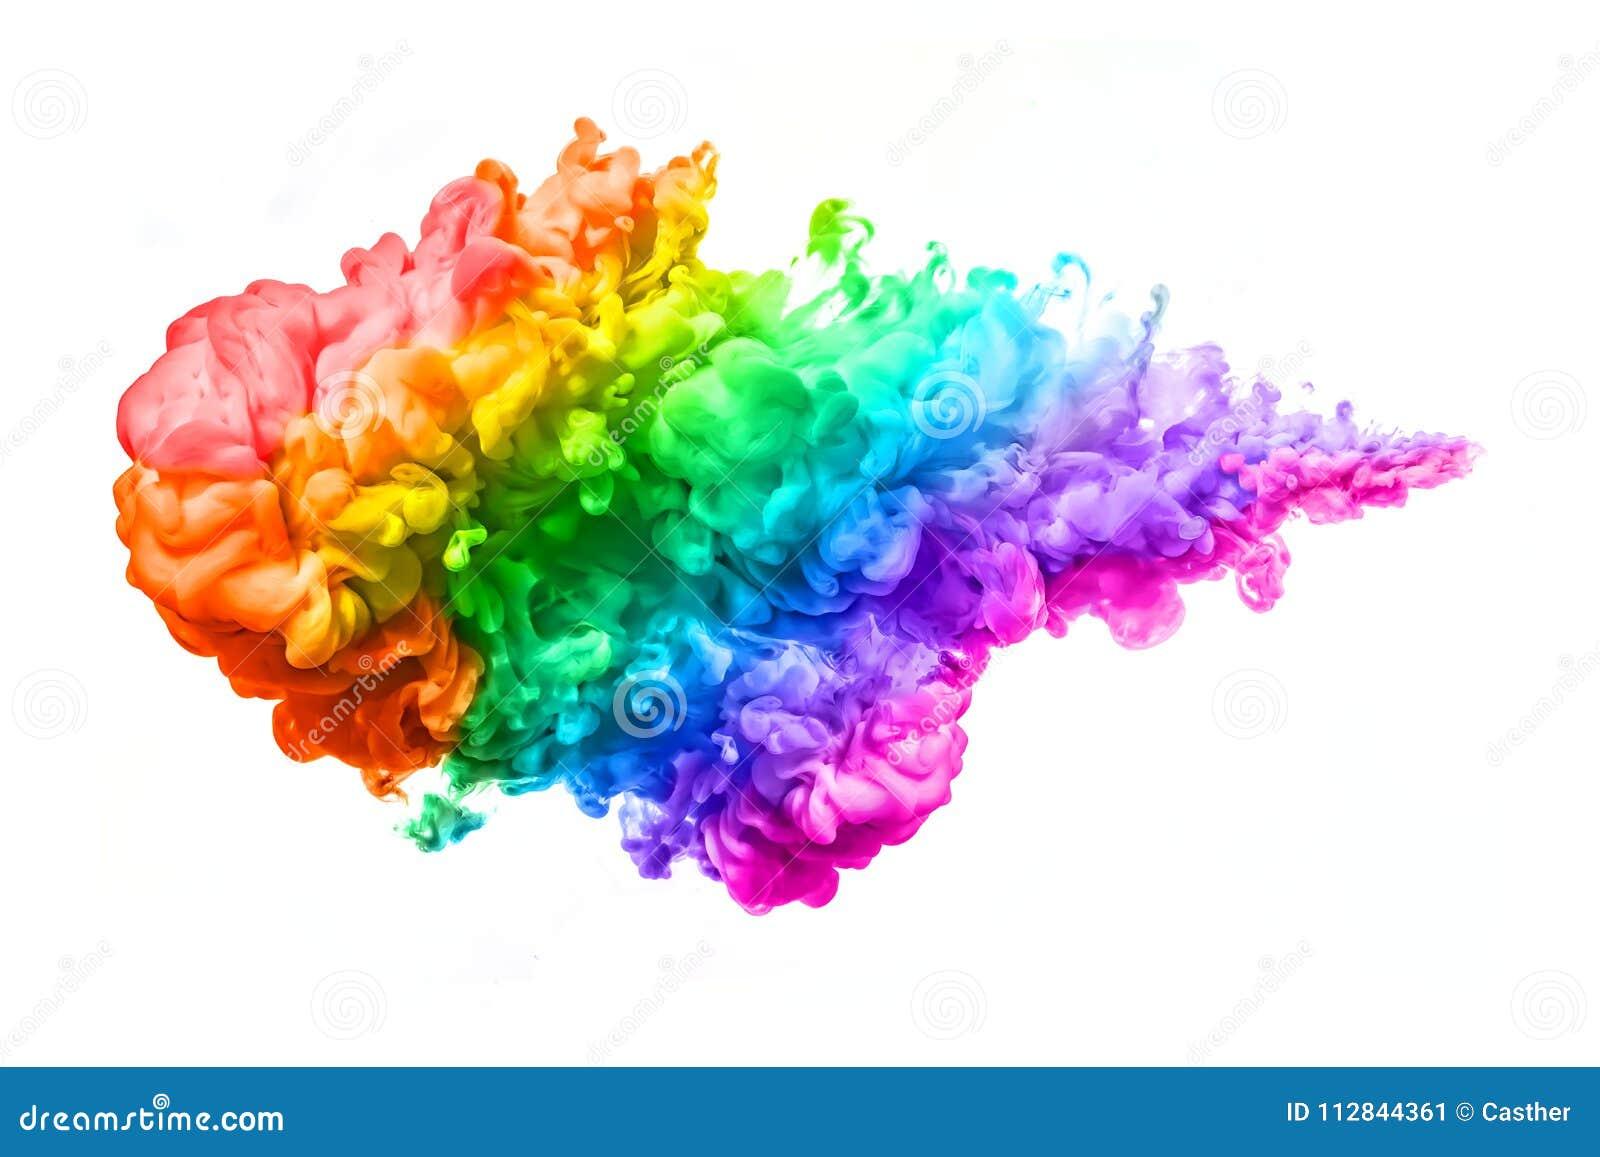 丙烯酸酯的墨水彩虹在水中 抽象被构造的背景颜色数字式展开分数维例证